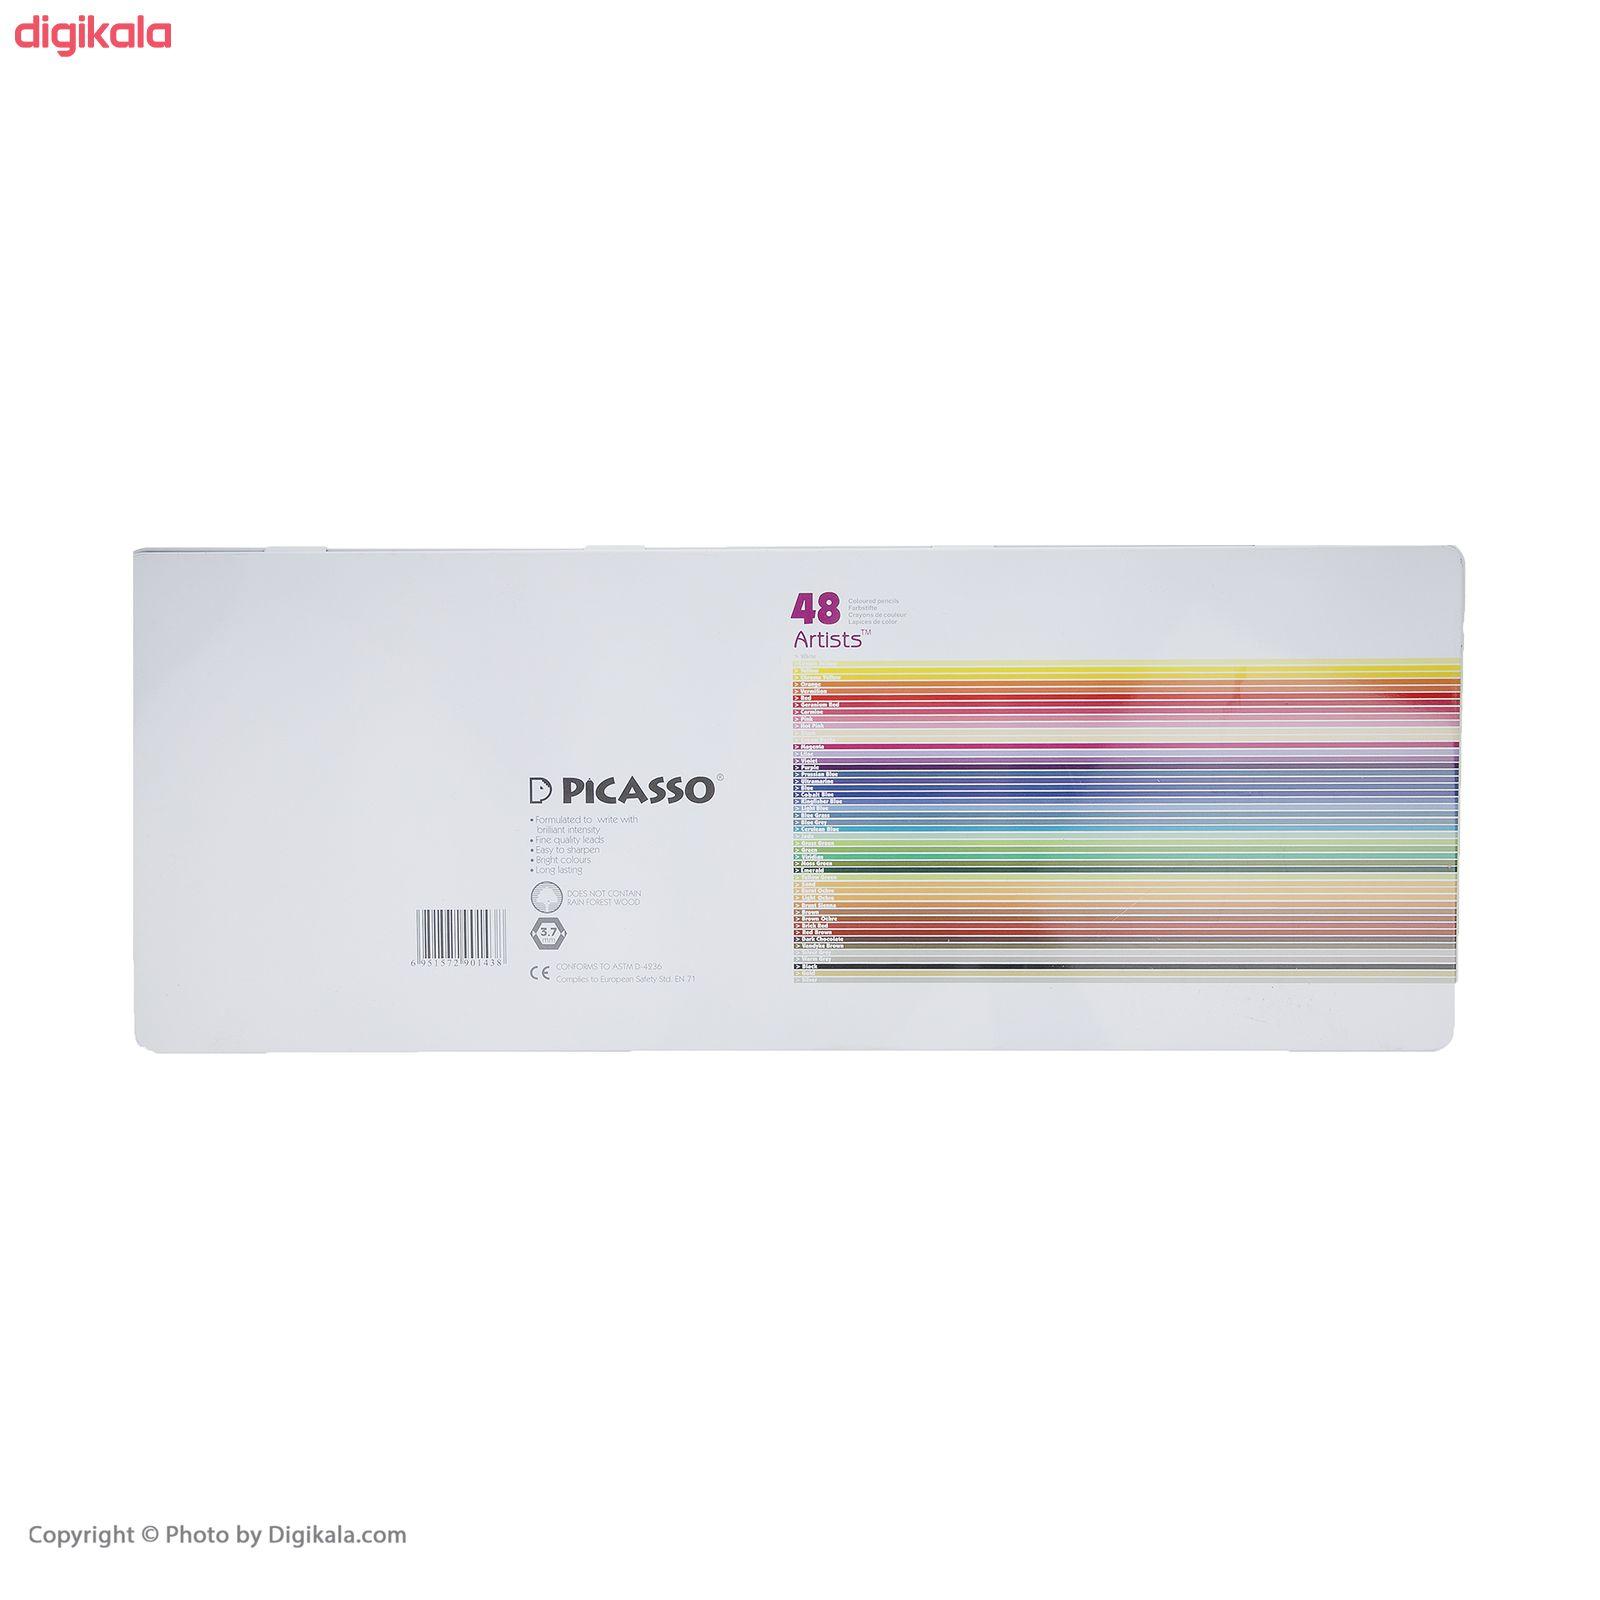 مداد رنگی 48 رنگ پیکاسو مدل Artists  main 1 2